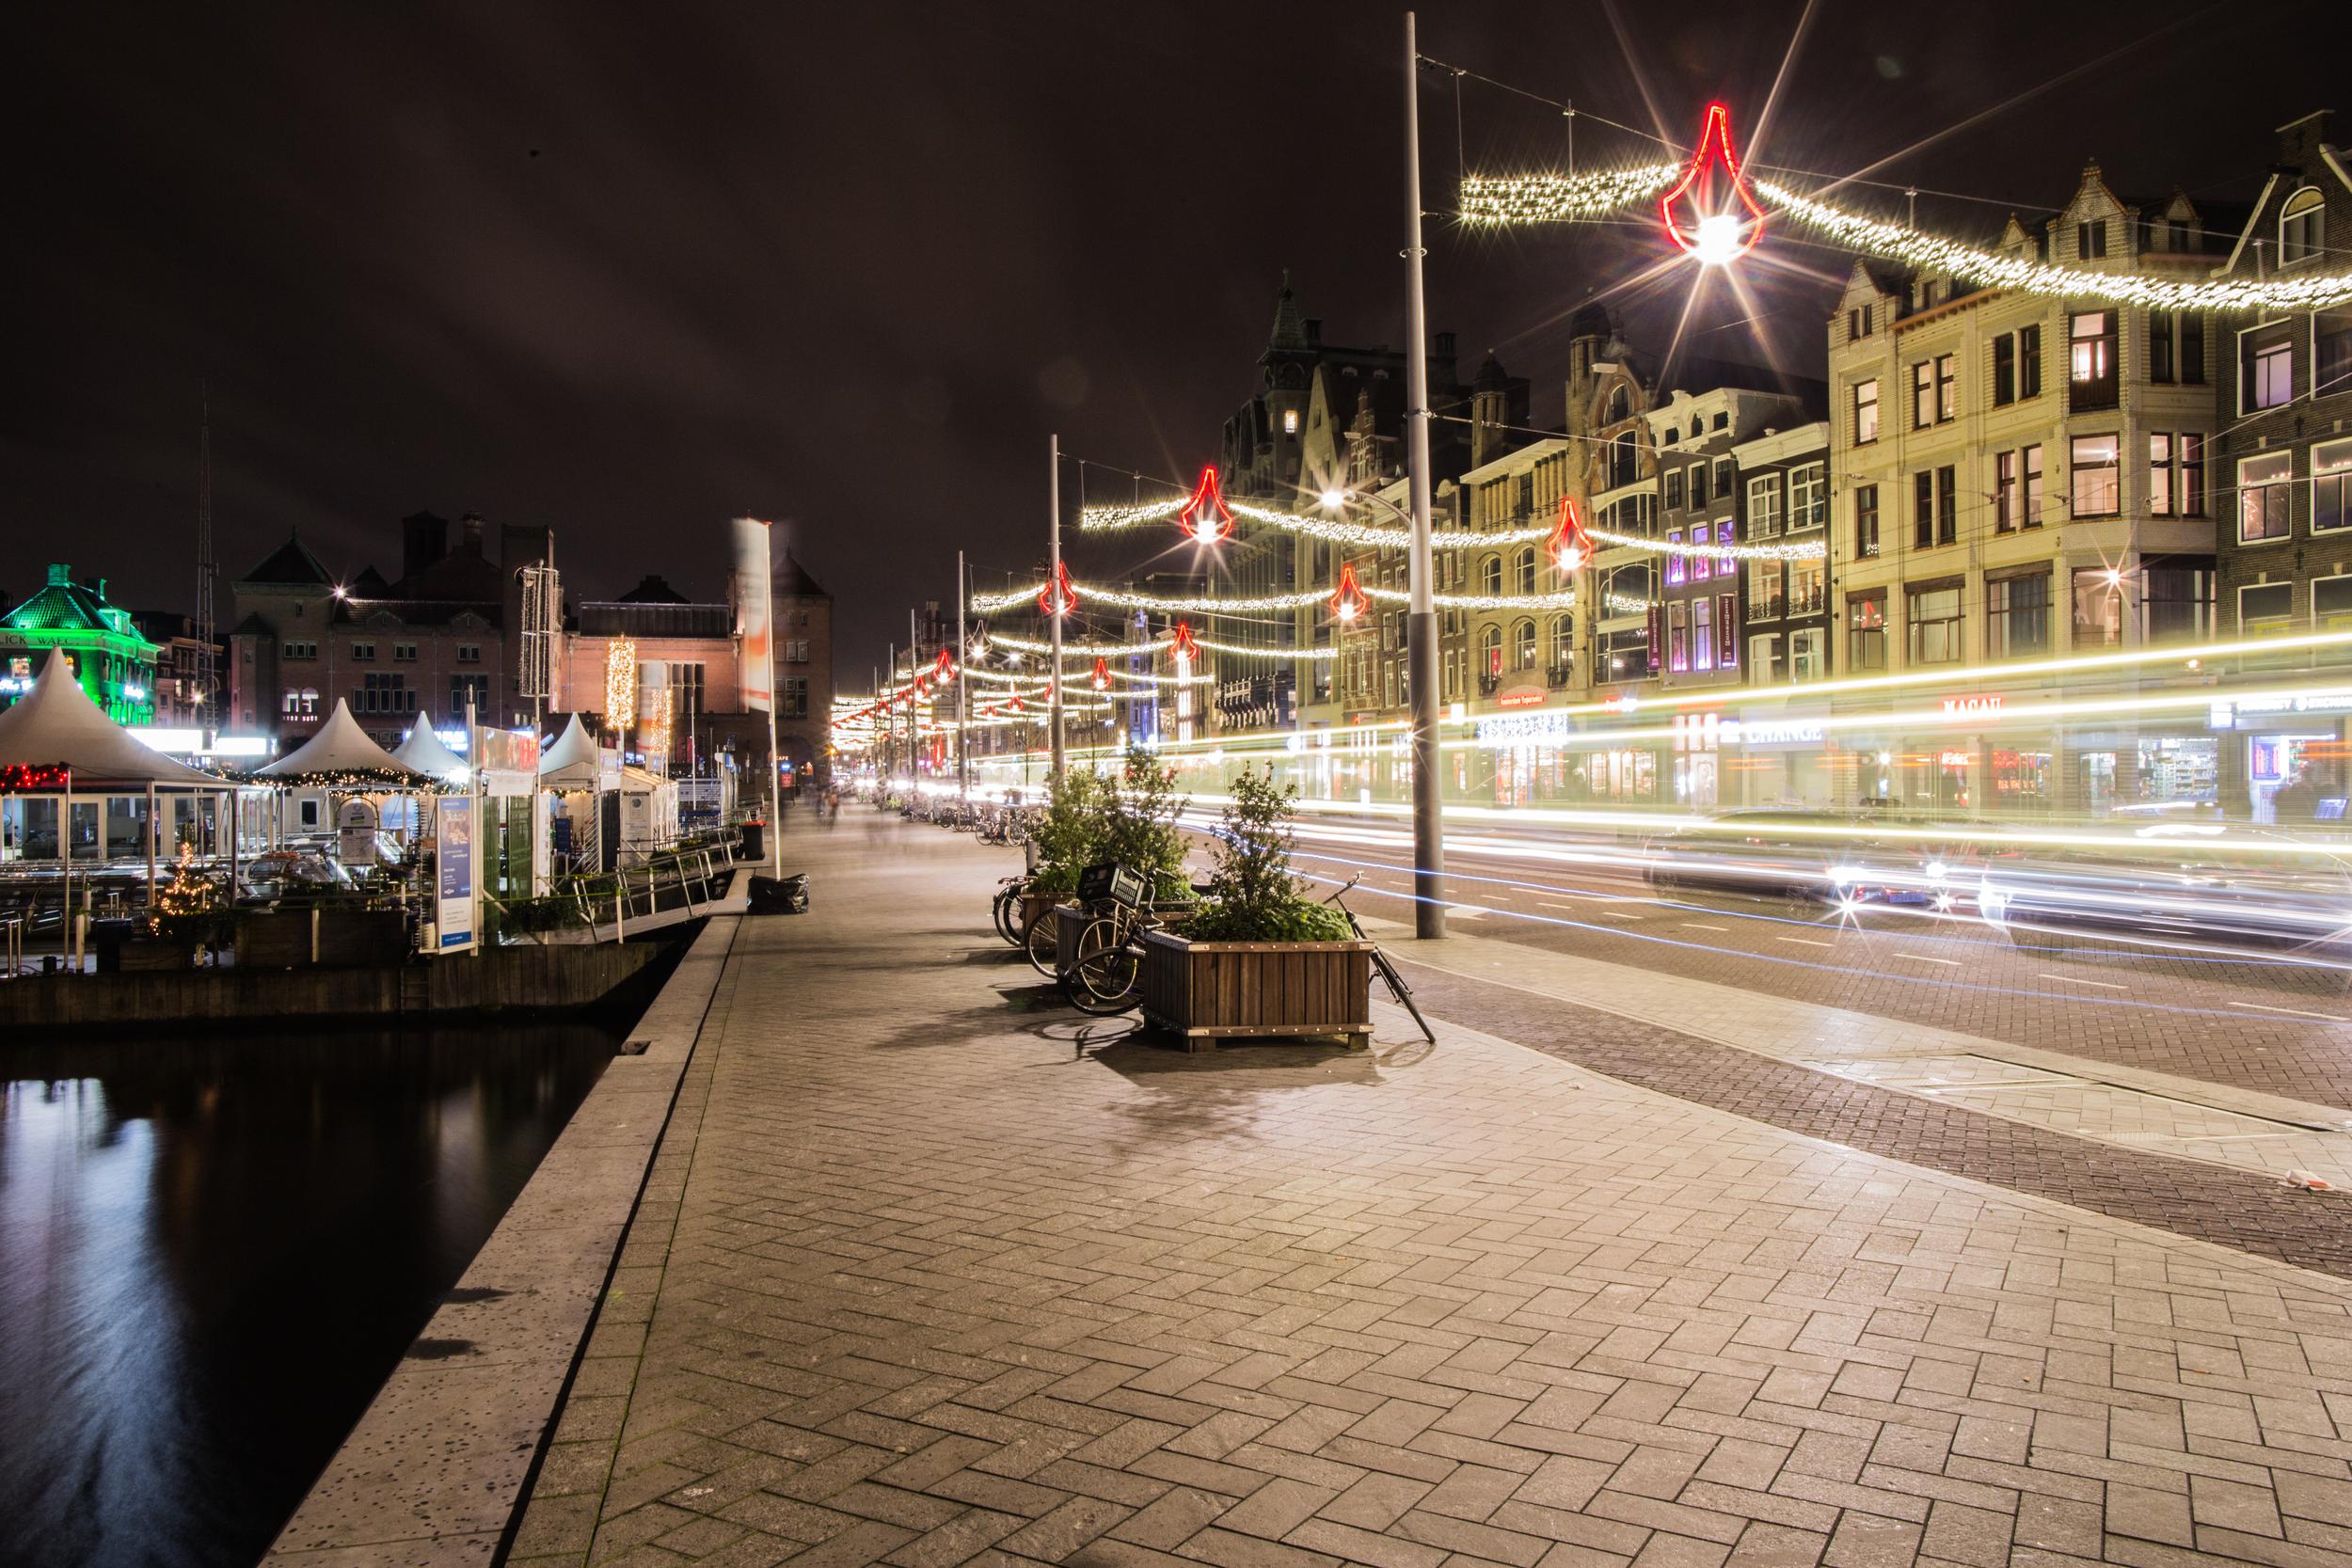 amsterdamnetherlandsdecember2015-4201.jpg